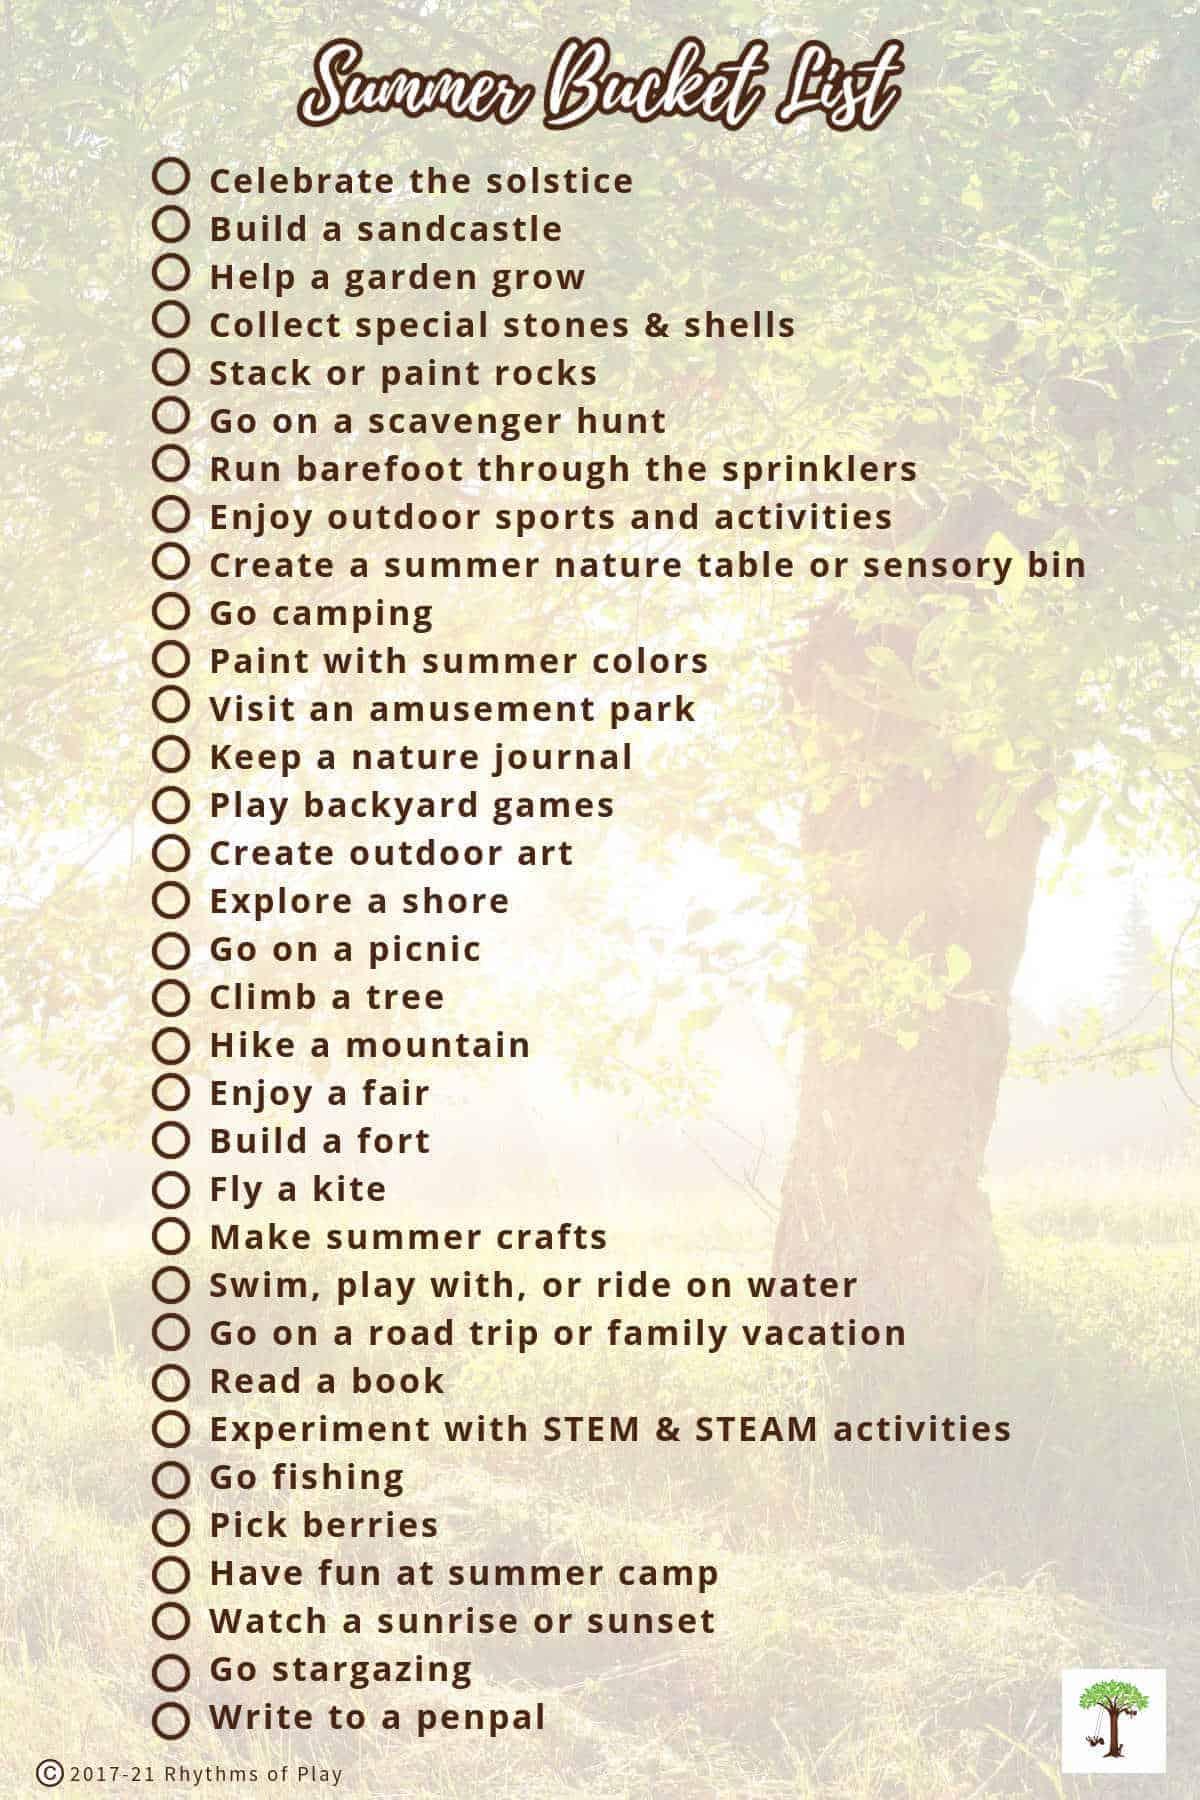 Bucket List printable of Fun Summer Activities for Kids